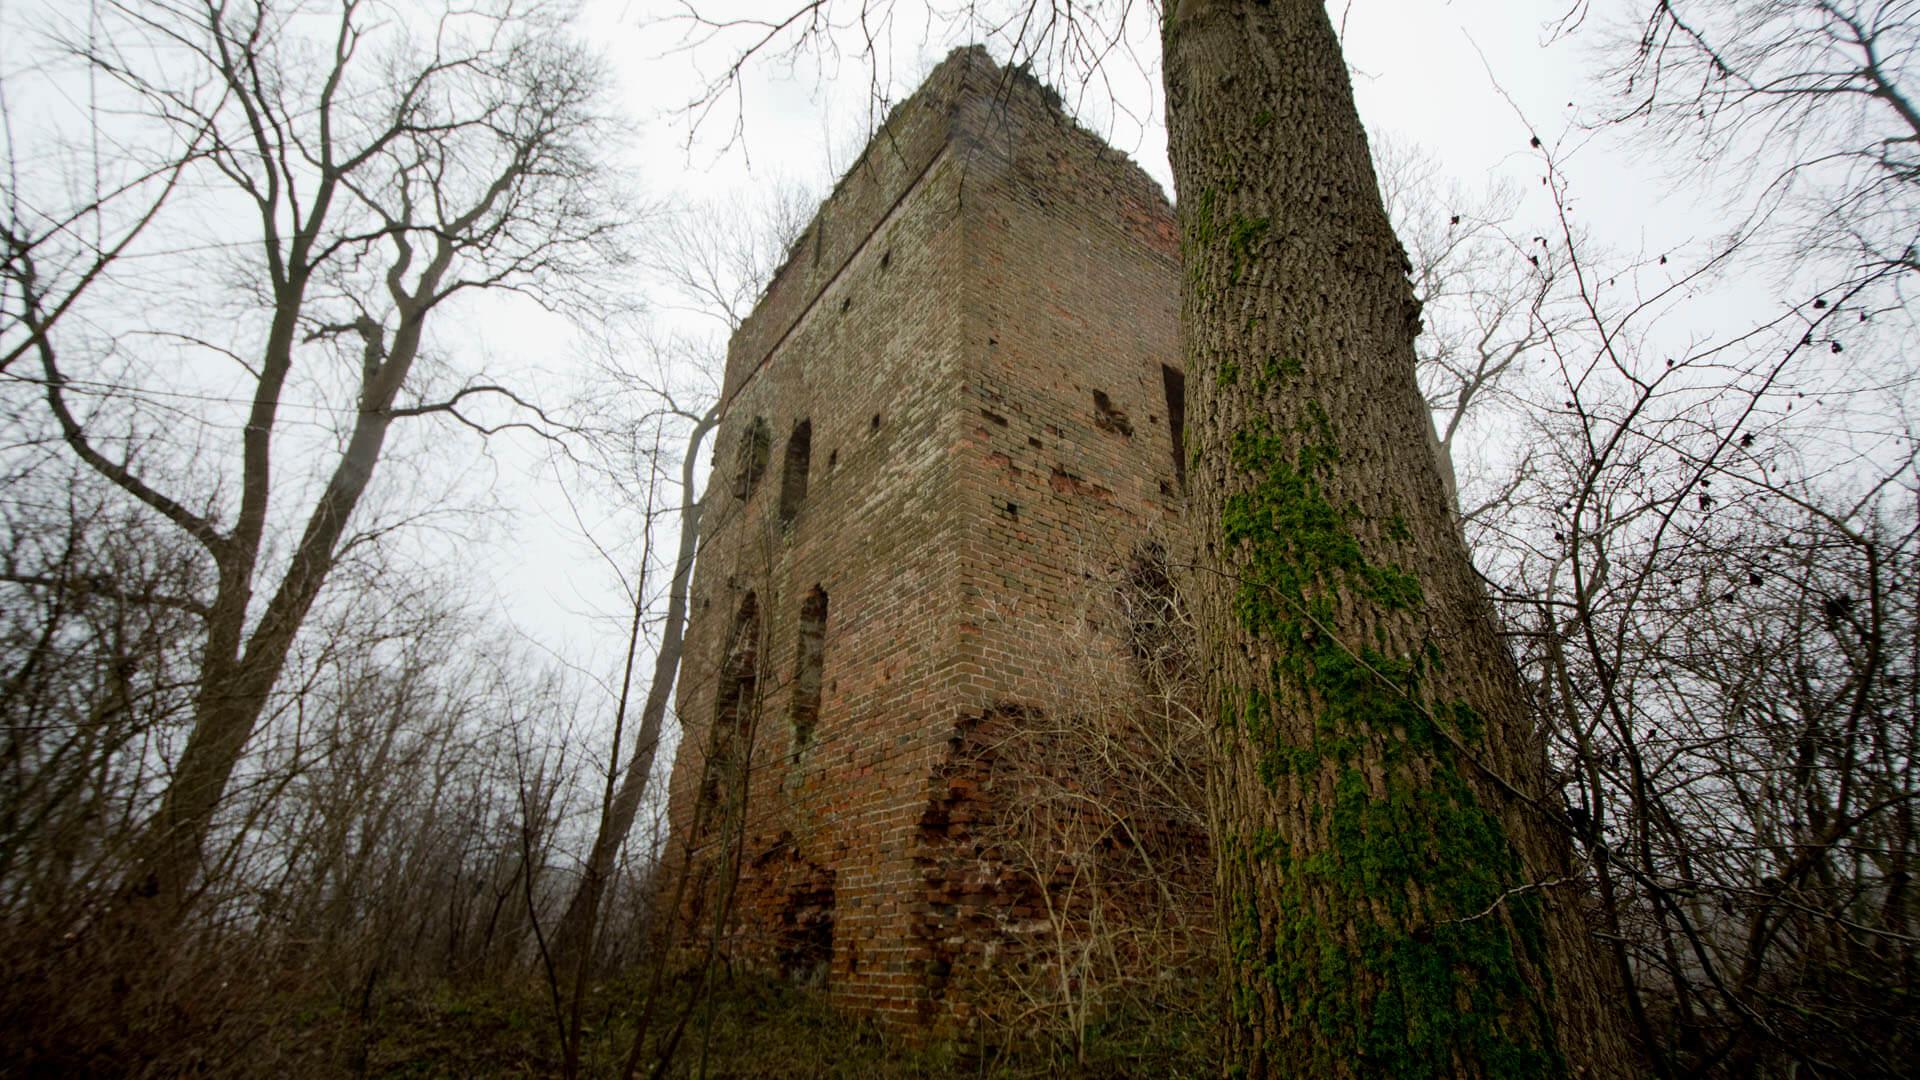 Wohnturm der Burg Stuer